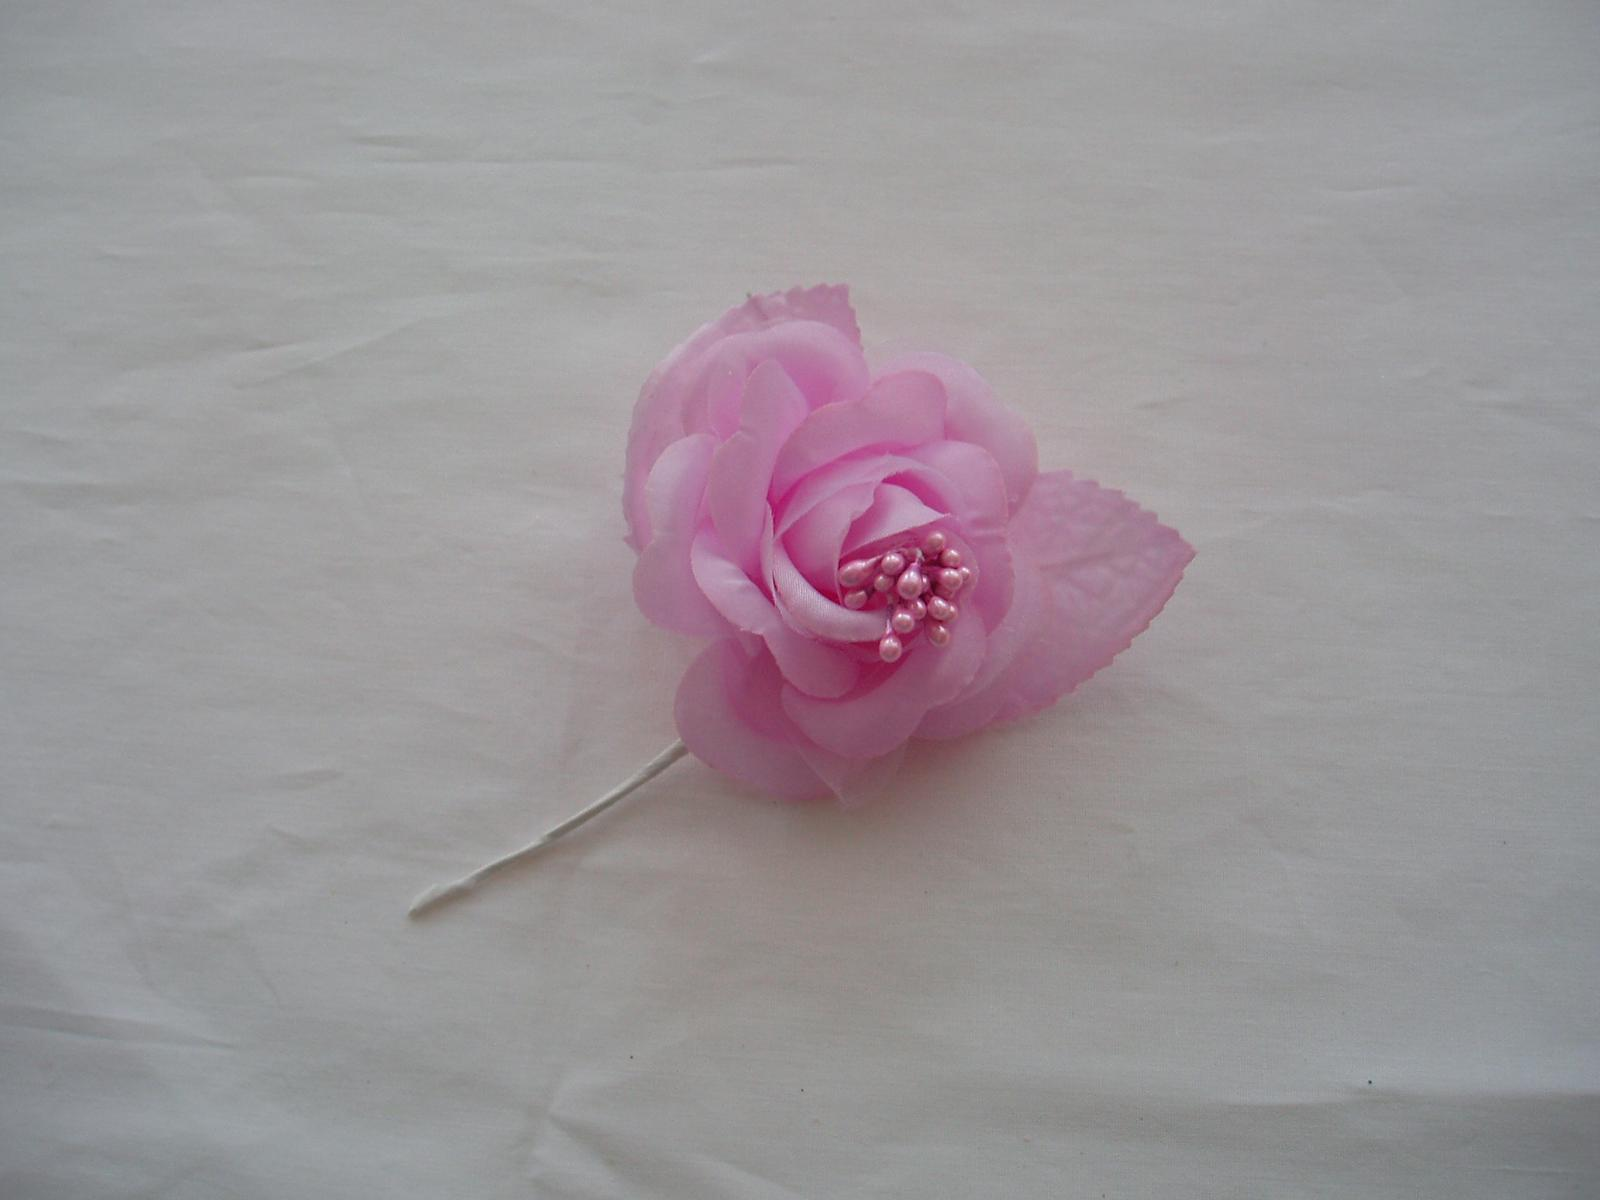 růže-světle fialová - Obrázek č. 1